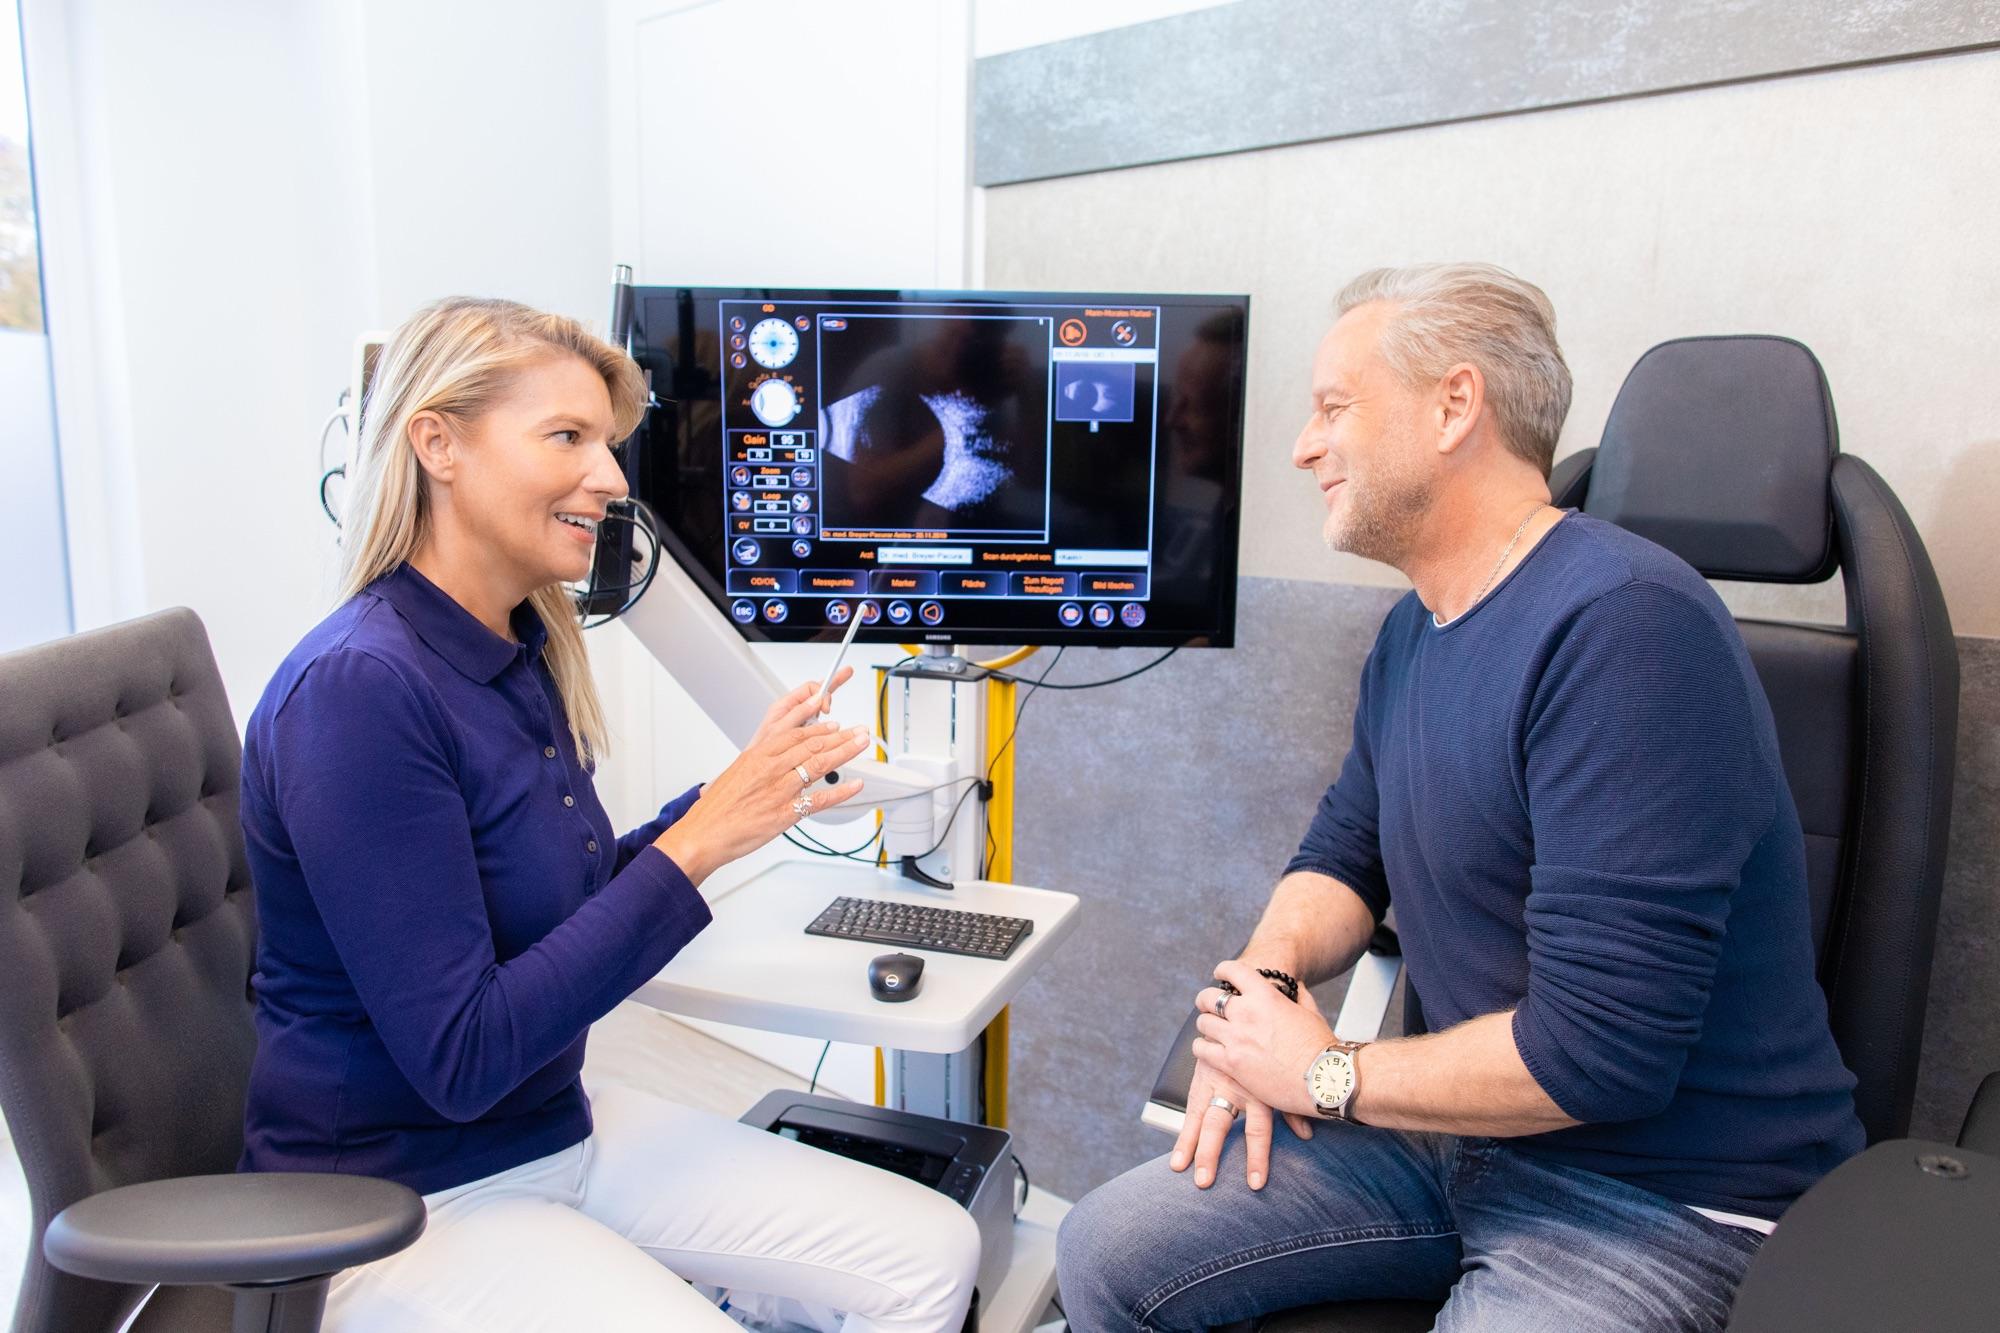 Augenärztin Dr. Anitra Breyer-Pacurar mit Patient bei einer Ultraschalluntersuchung.